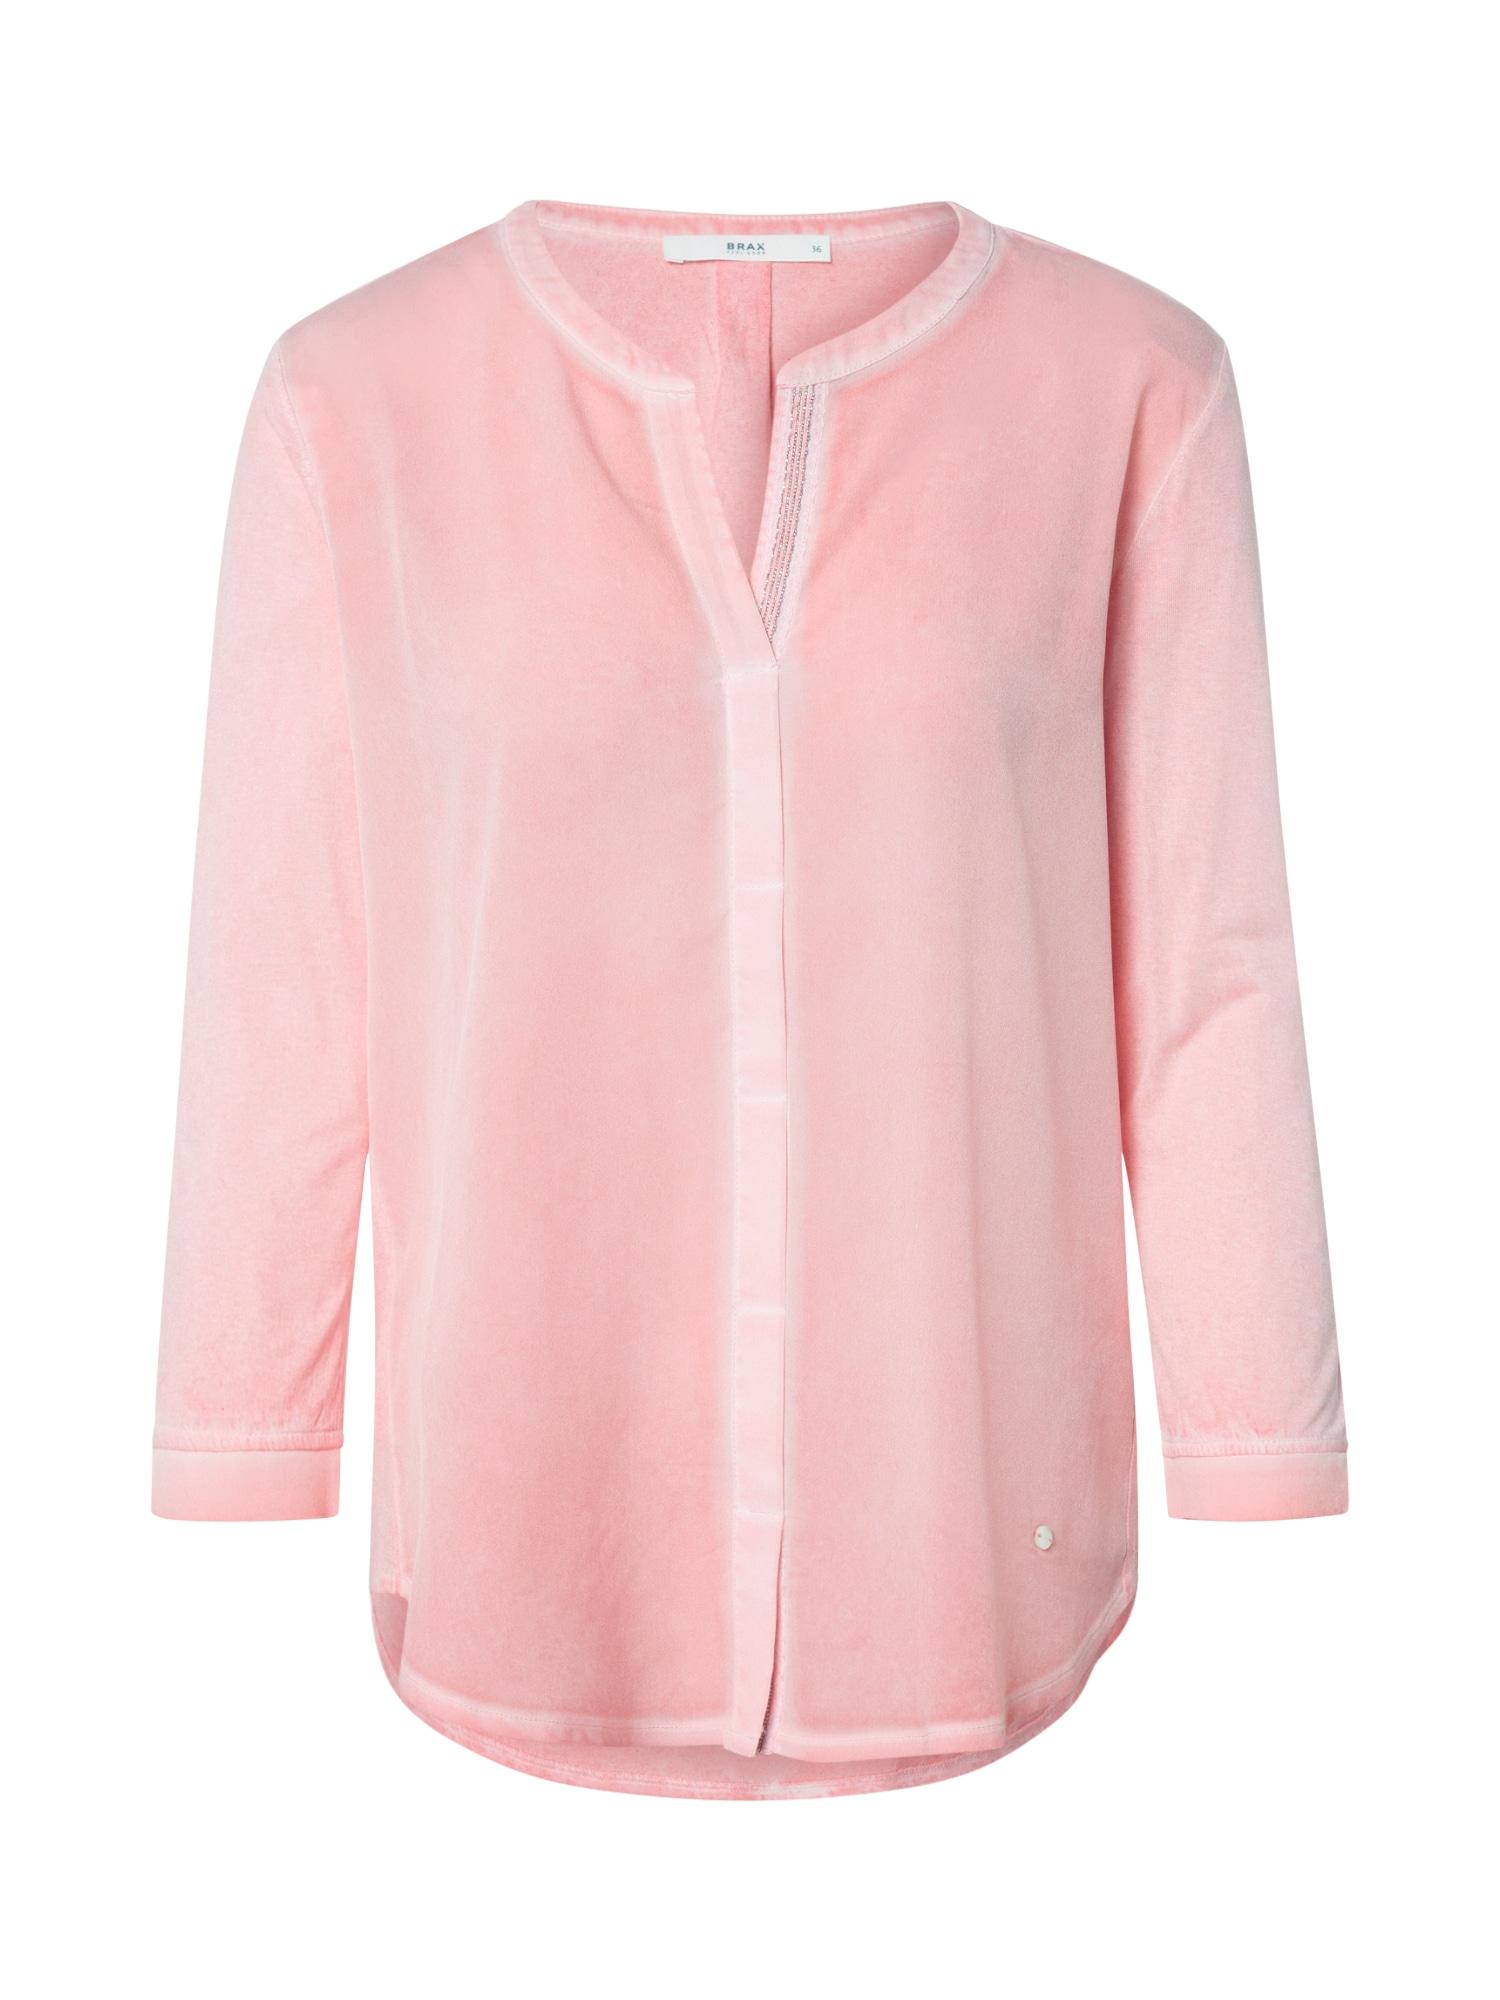 BRAX Marškinėliai 'CLARISSA' ryškiai rožinė spalva